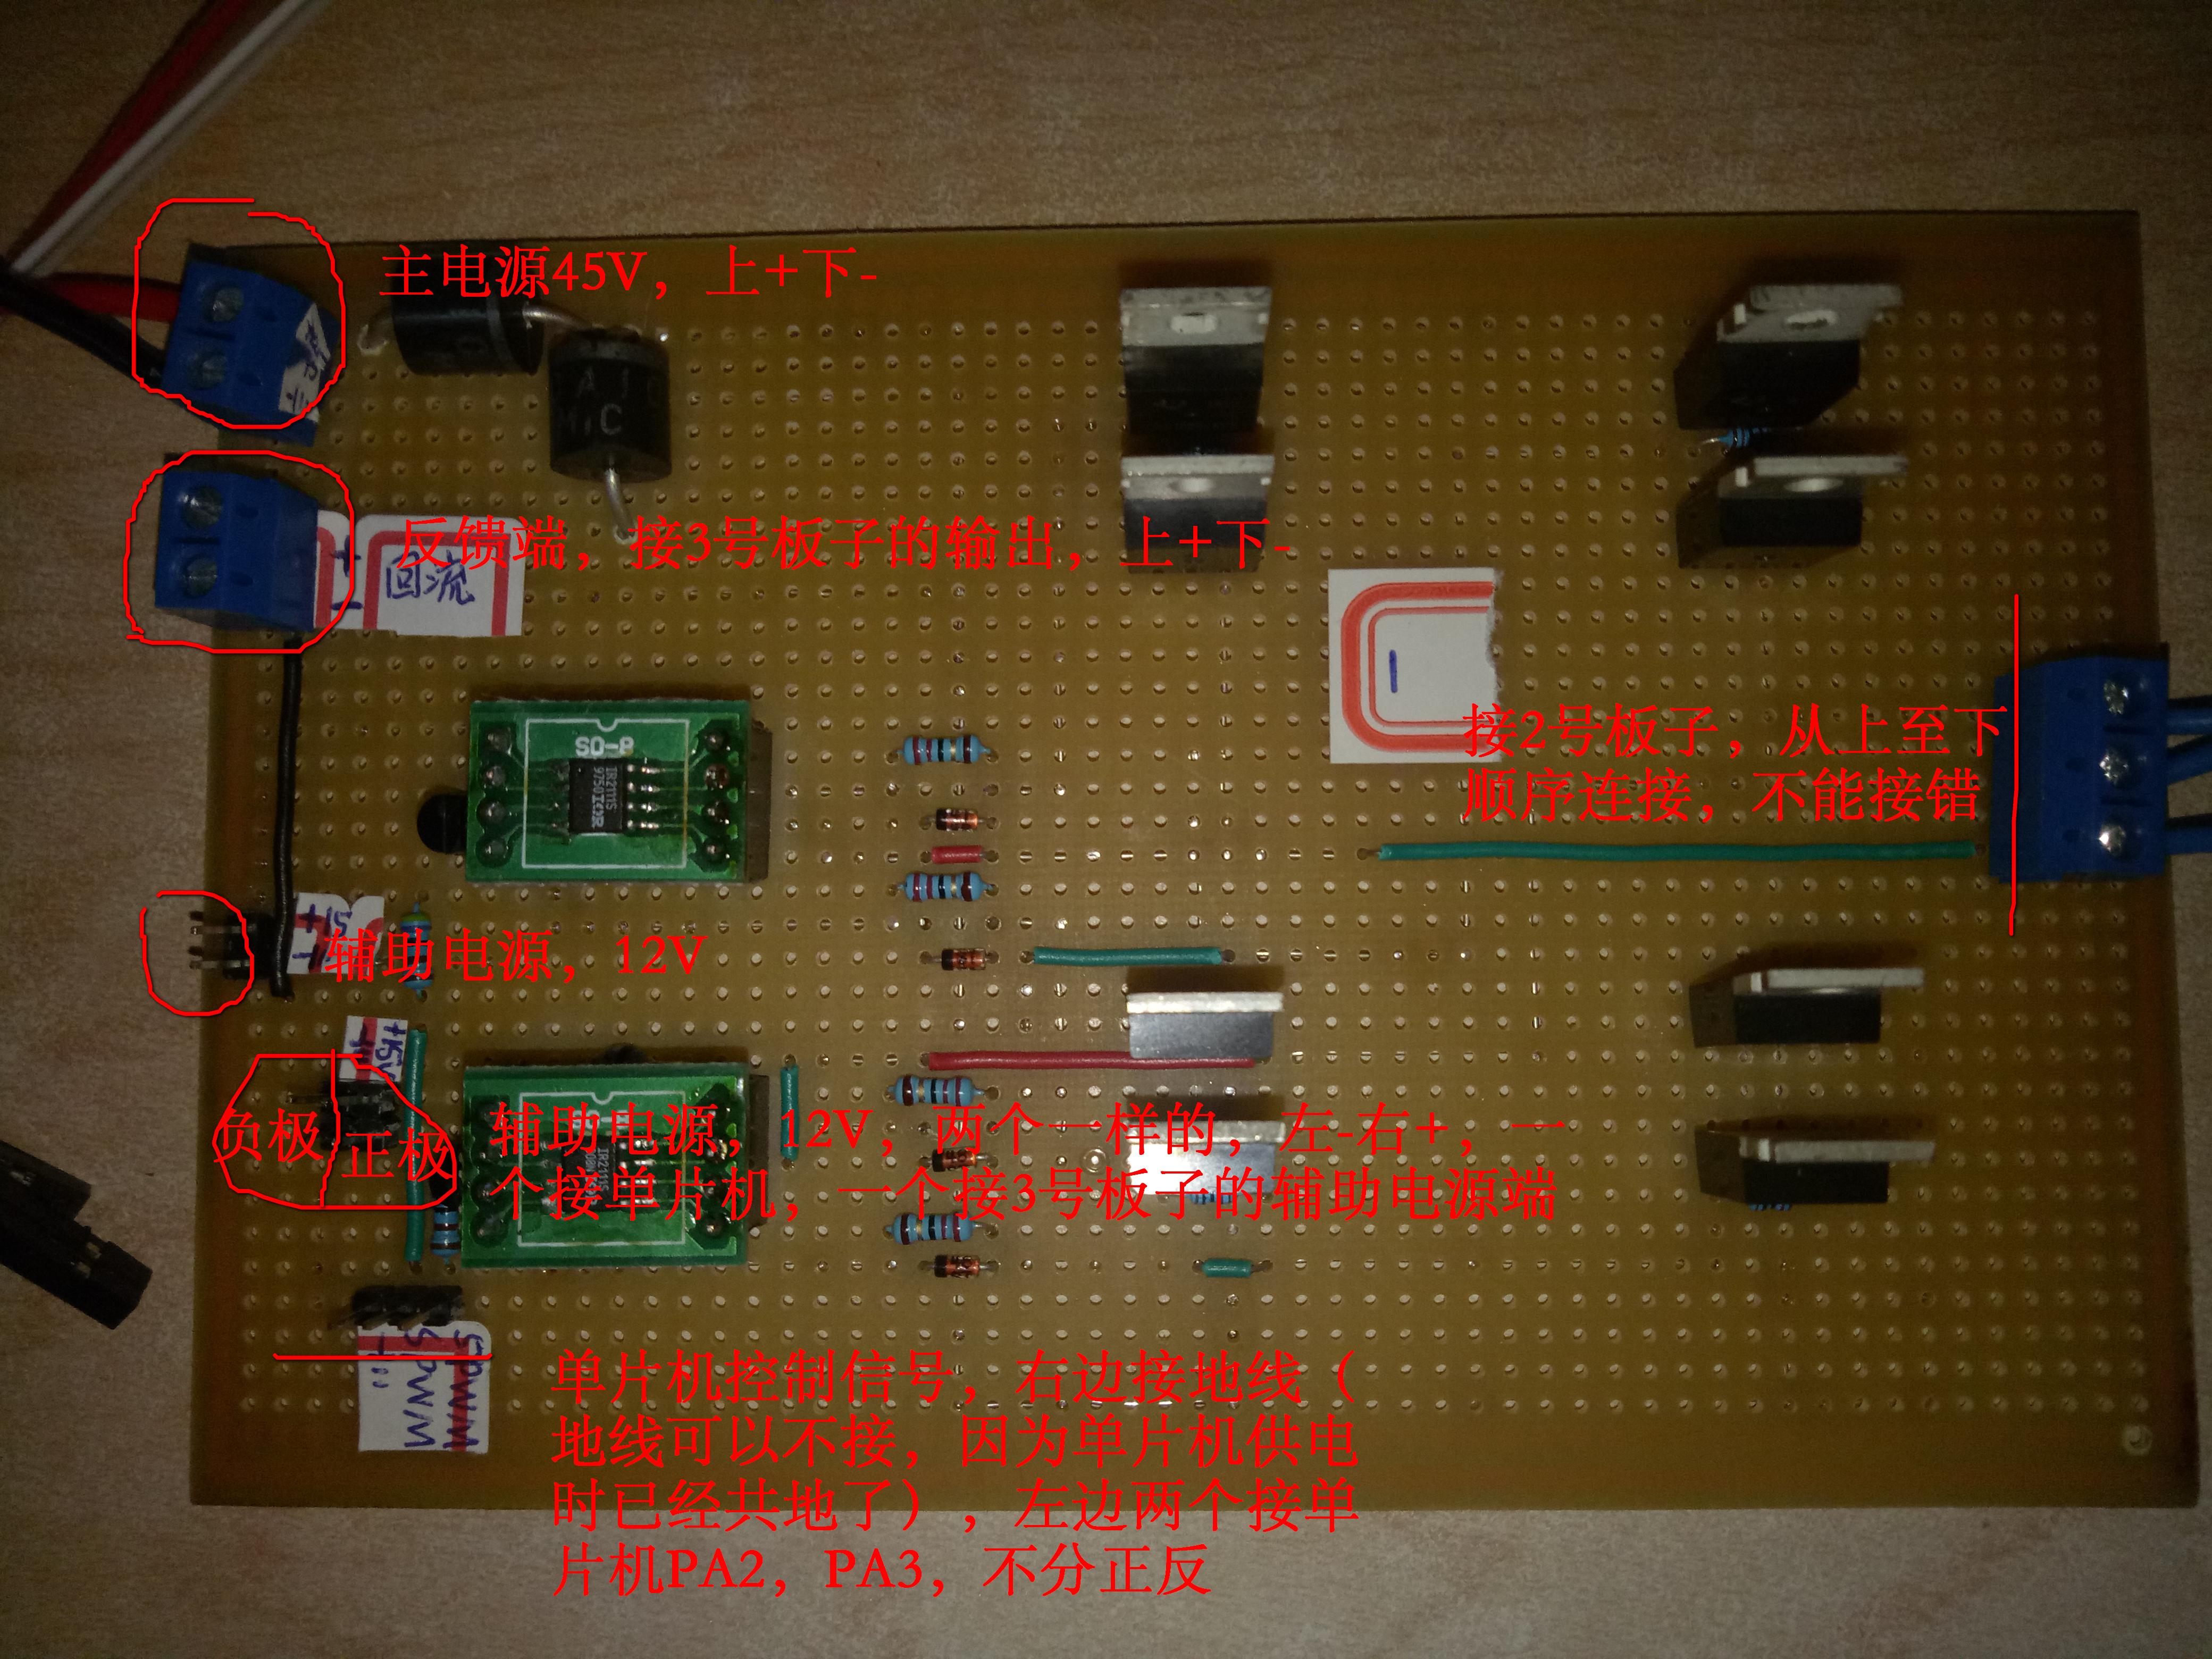 變流器負載試驗中的能量回饋裝置